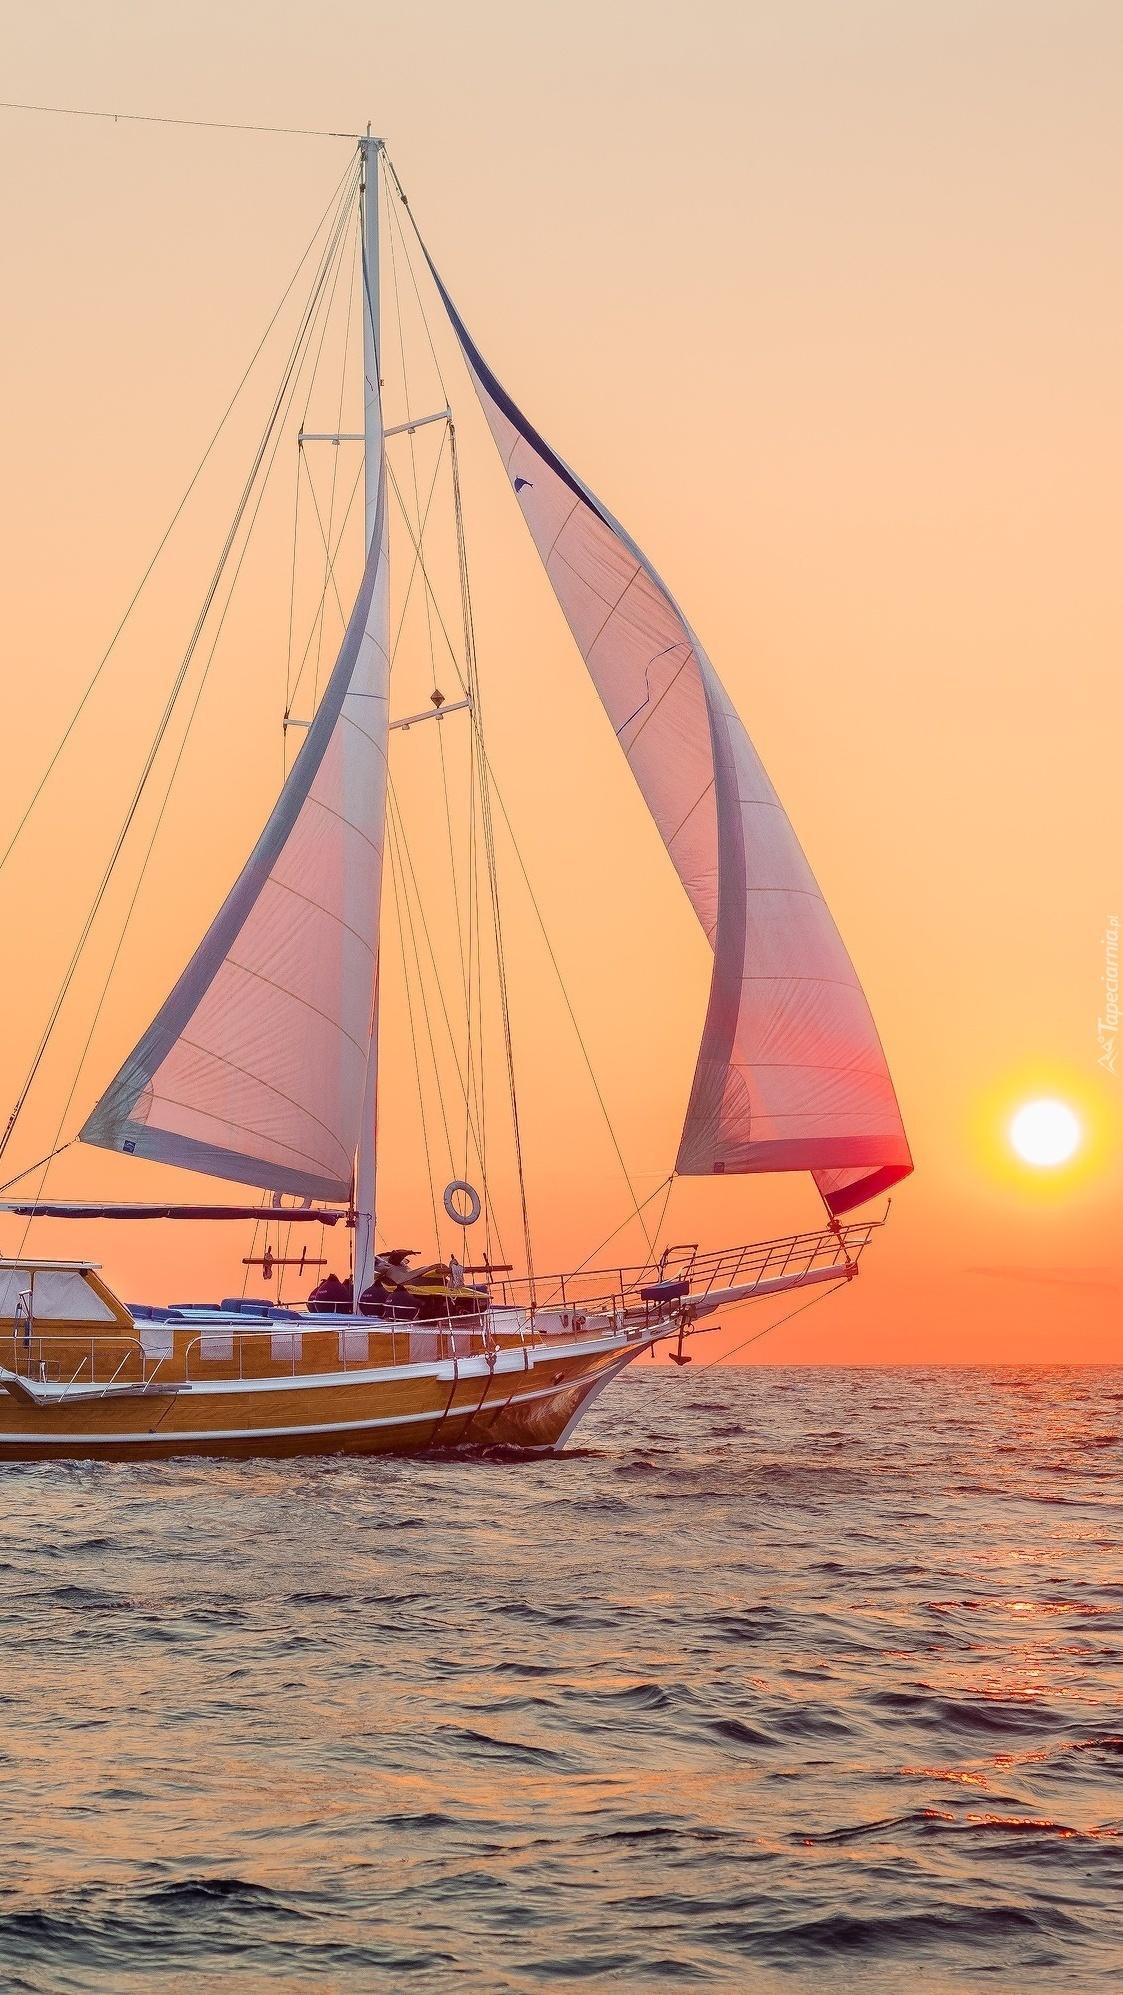 Żaglówka na morzu o wschodzie słońca